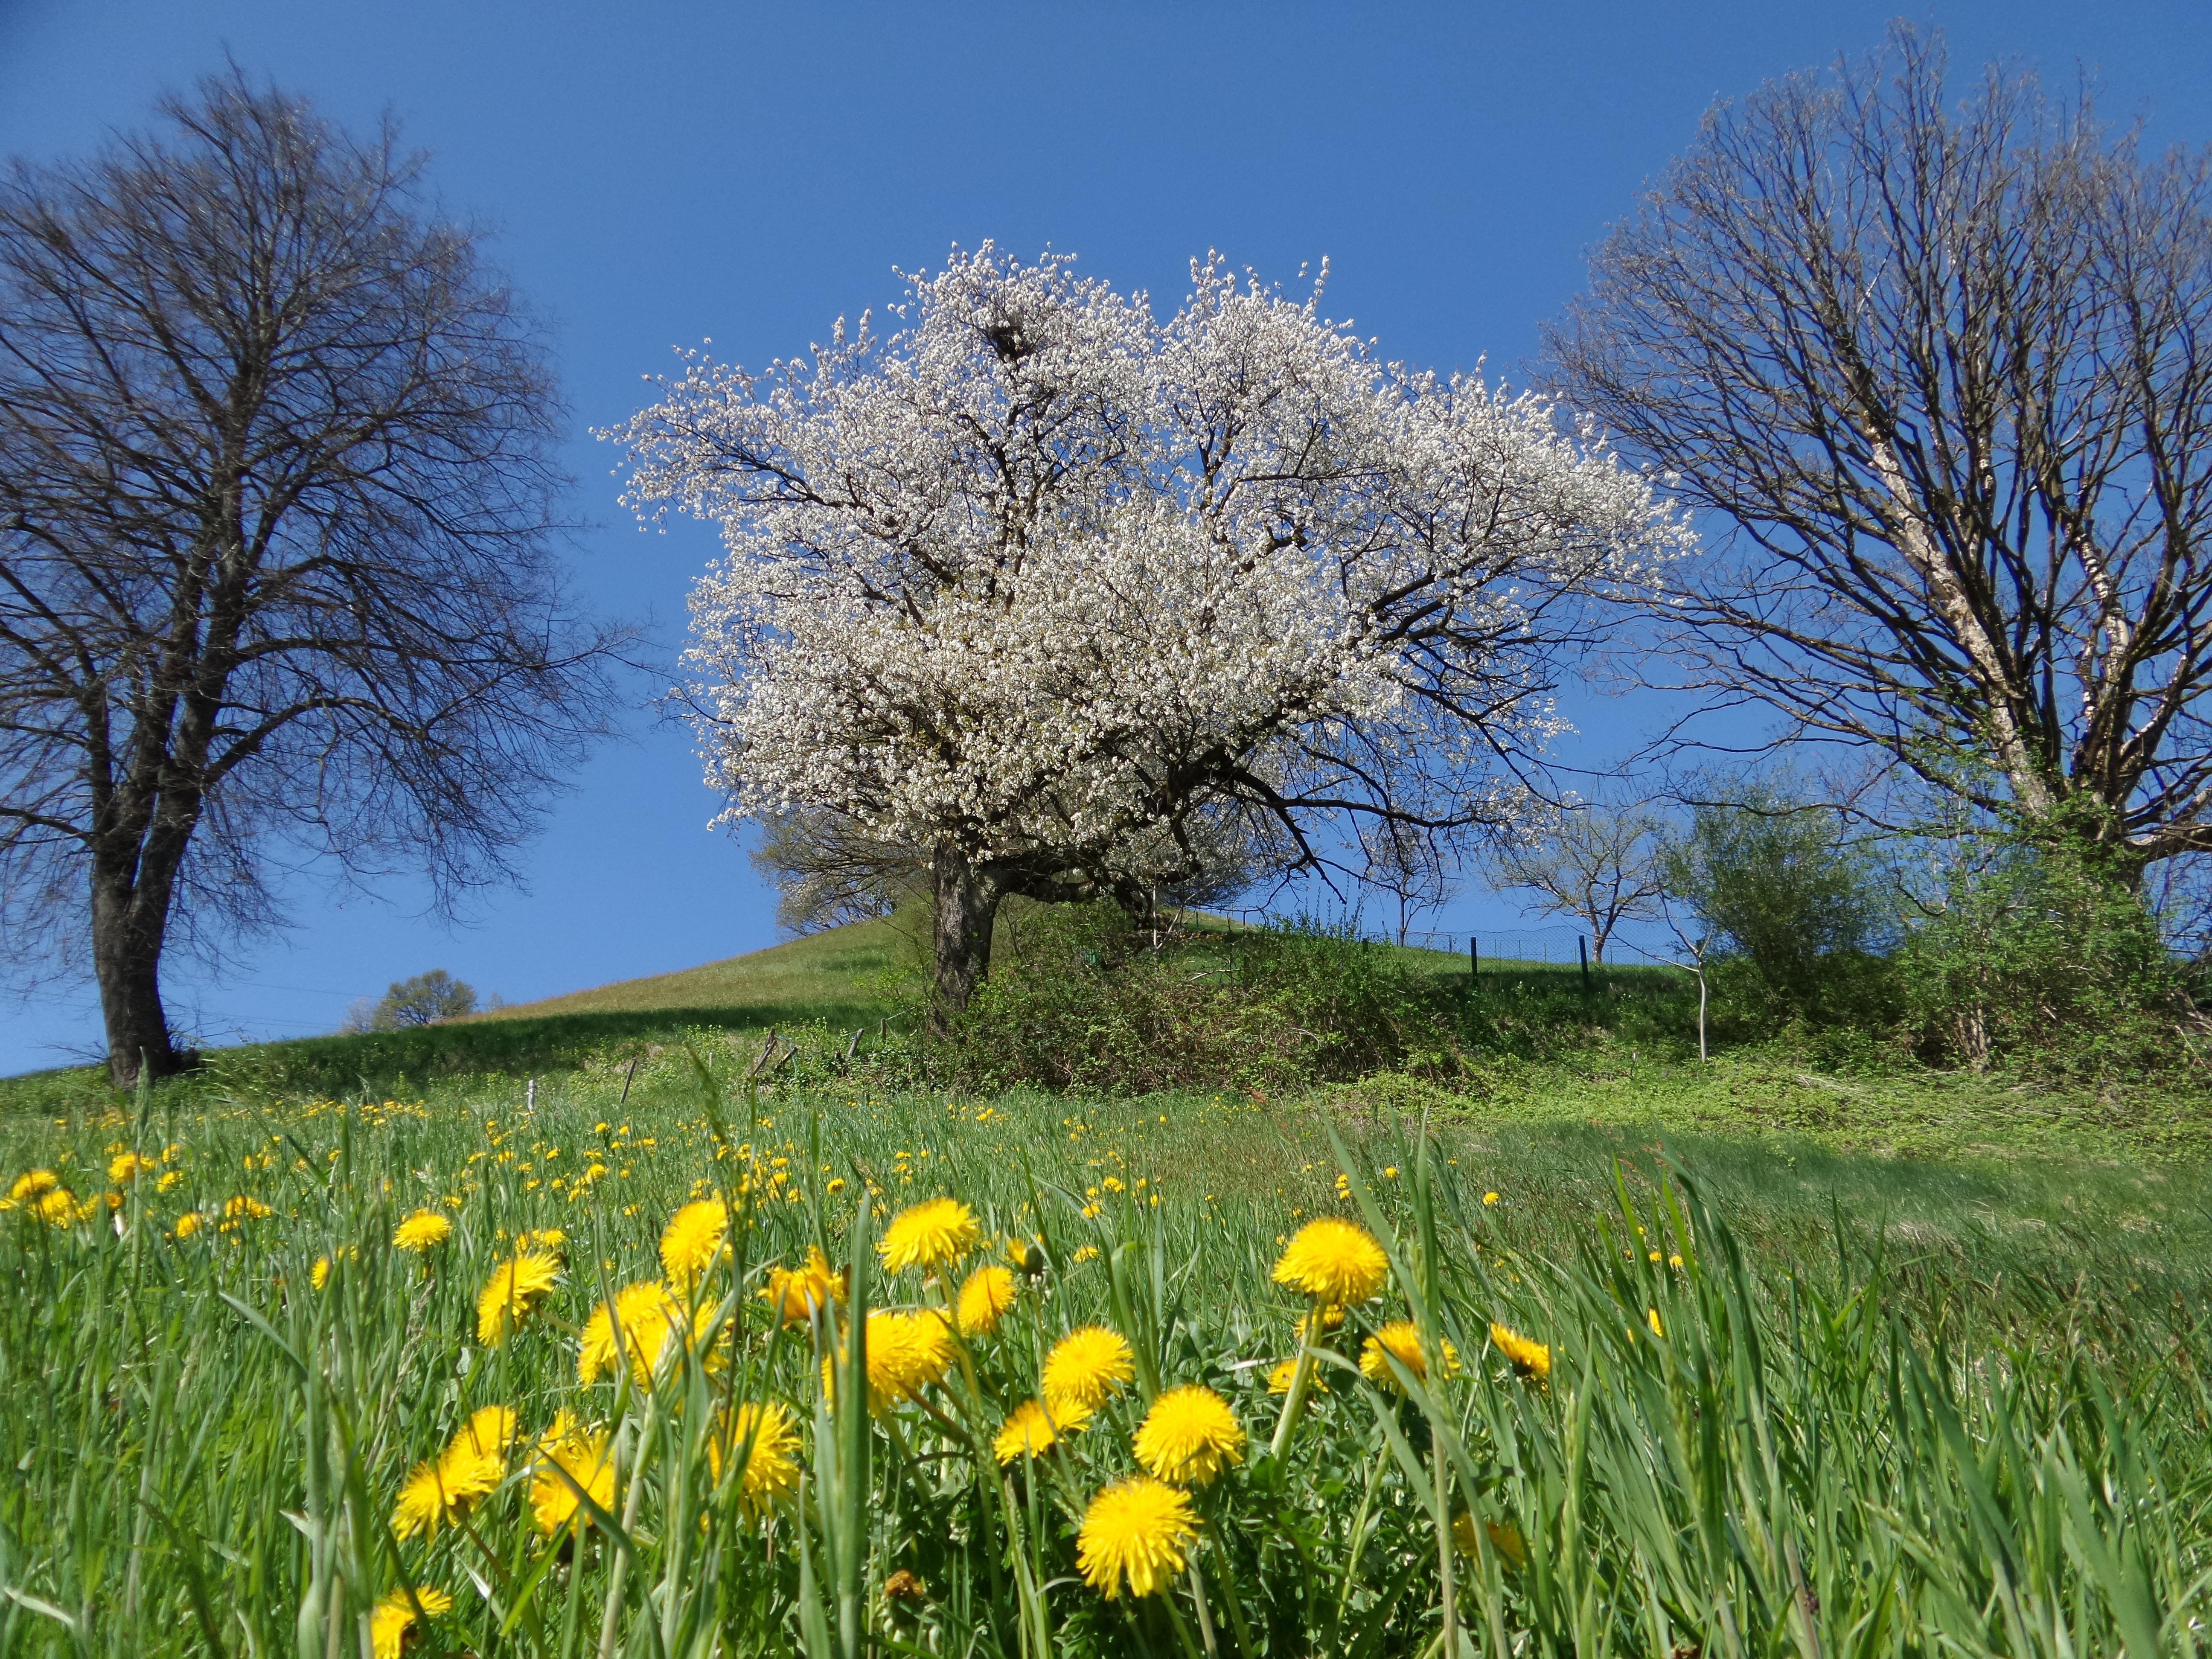 охлобыстина данный фото картинки пейзажи весна панорамных окнах немного